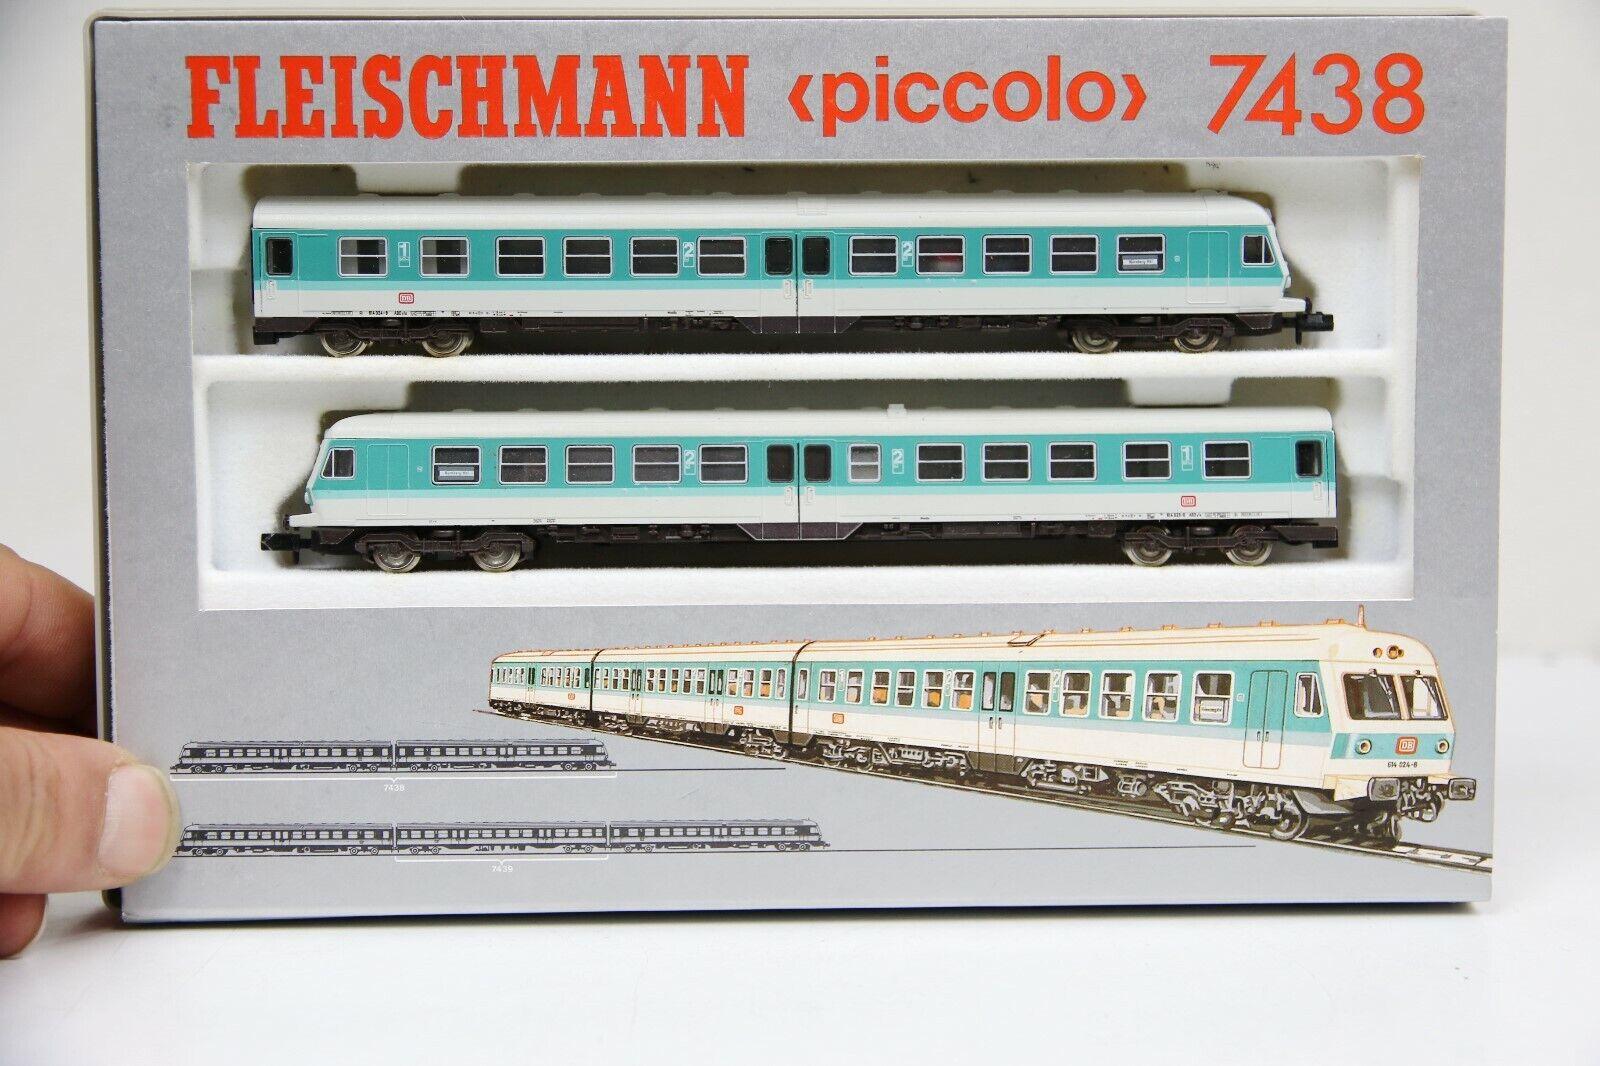 Fleischmann N 7438 2-teiliger Dieseltriebzug BR 614 der DB in OVP (RB9986)